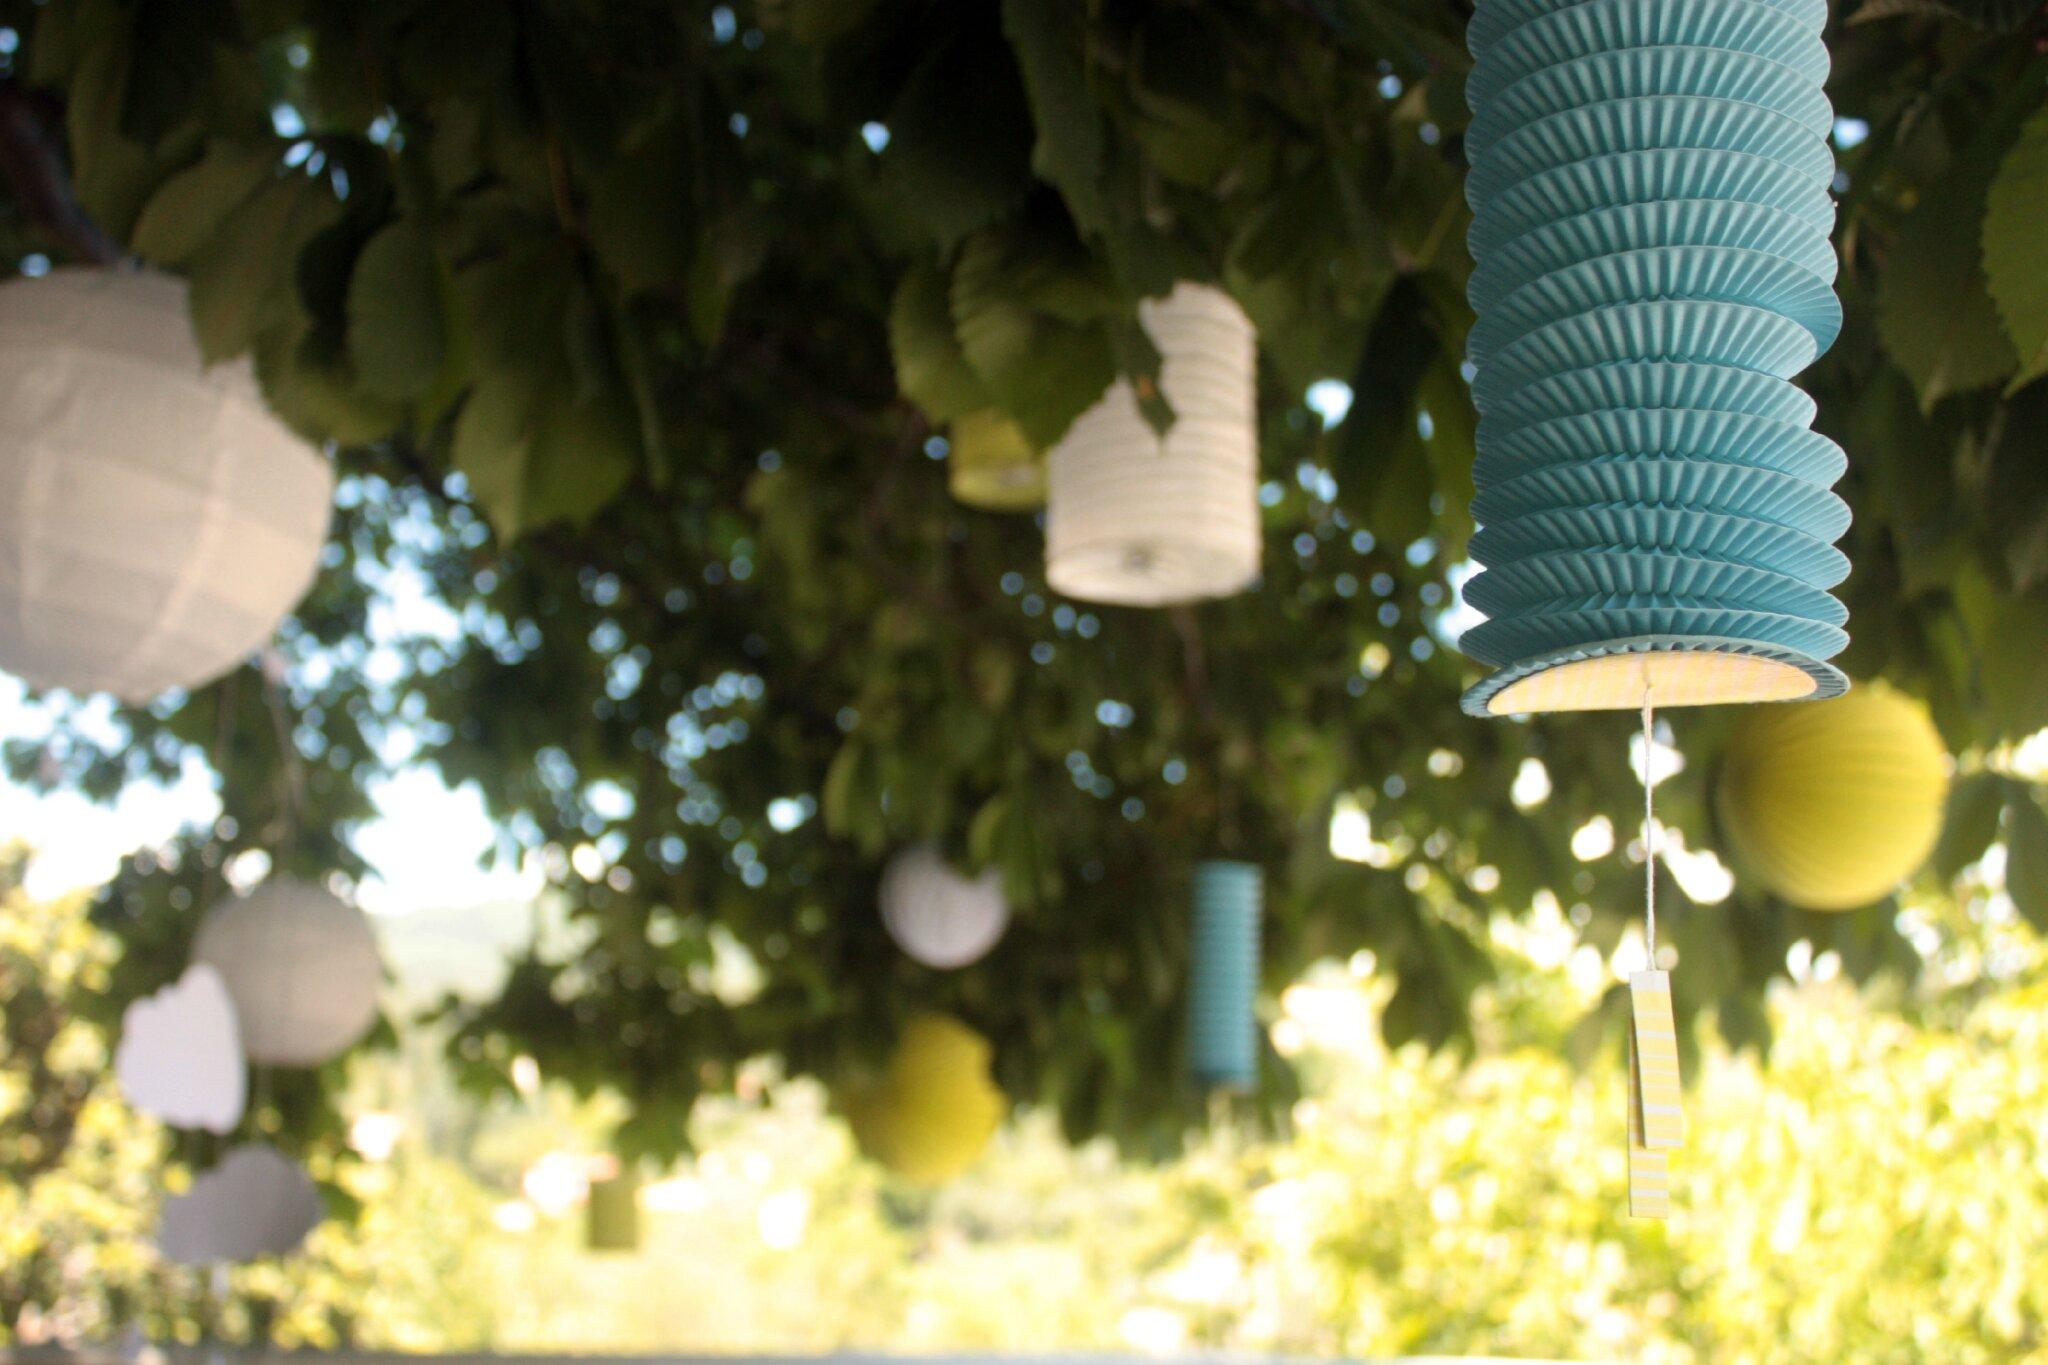 des lampions dans les arbres la scierie. Black Bedroom Furniture Sets. Home Design Ideas